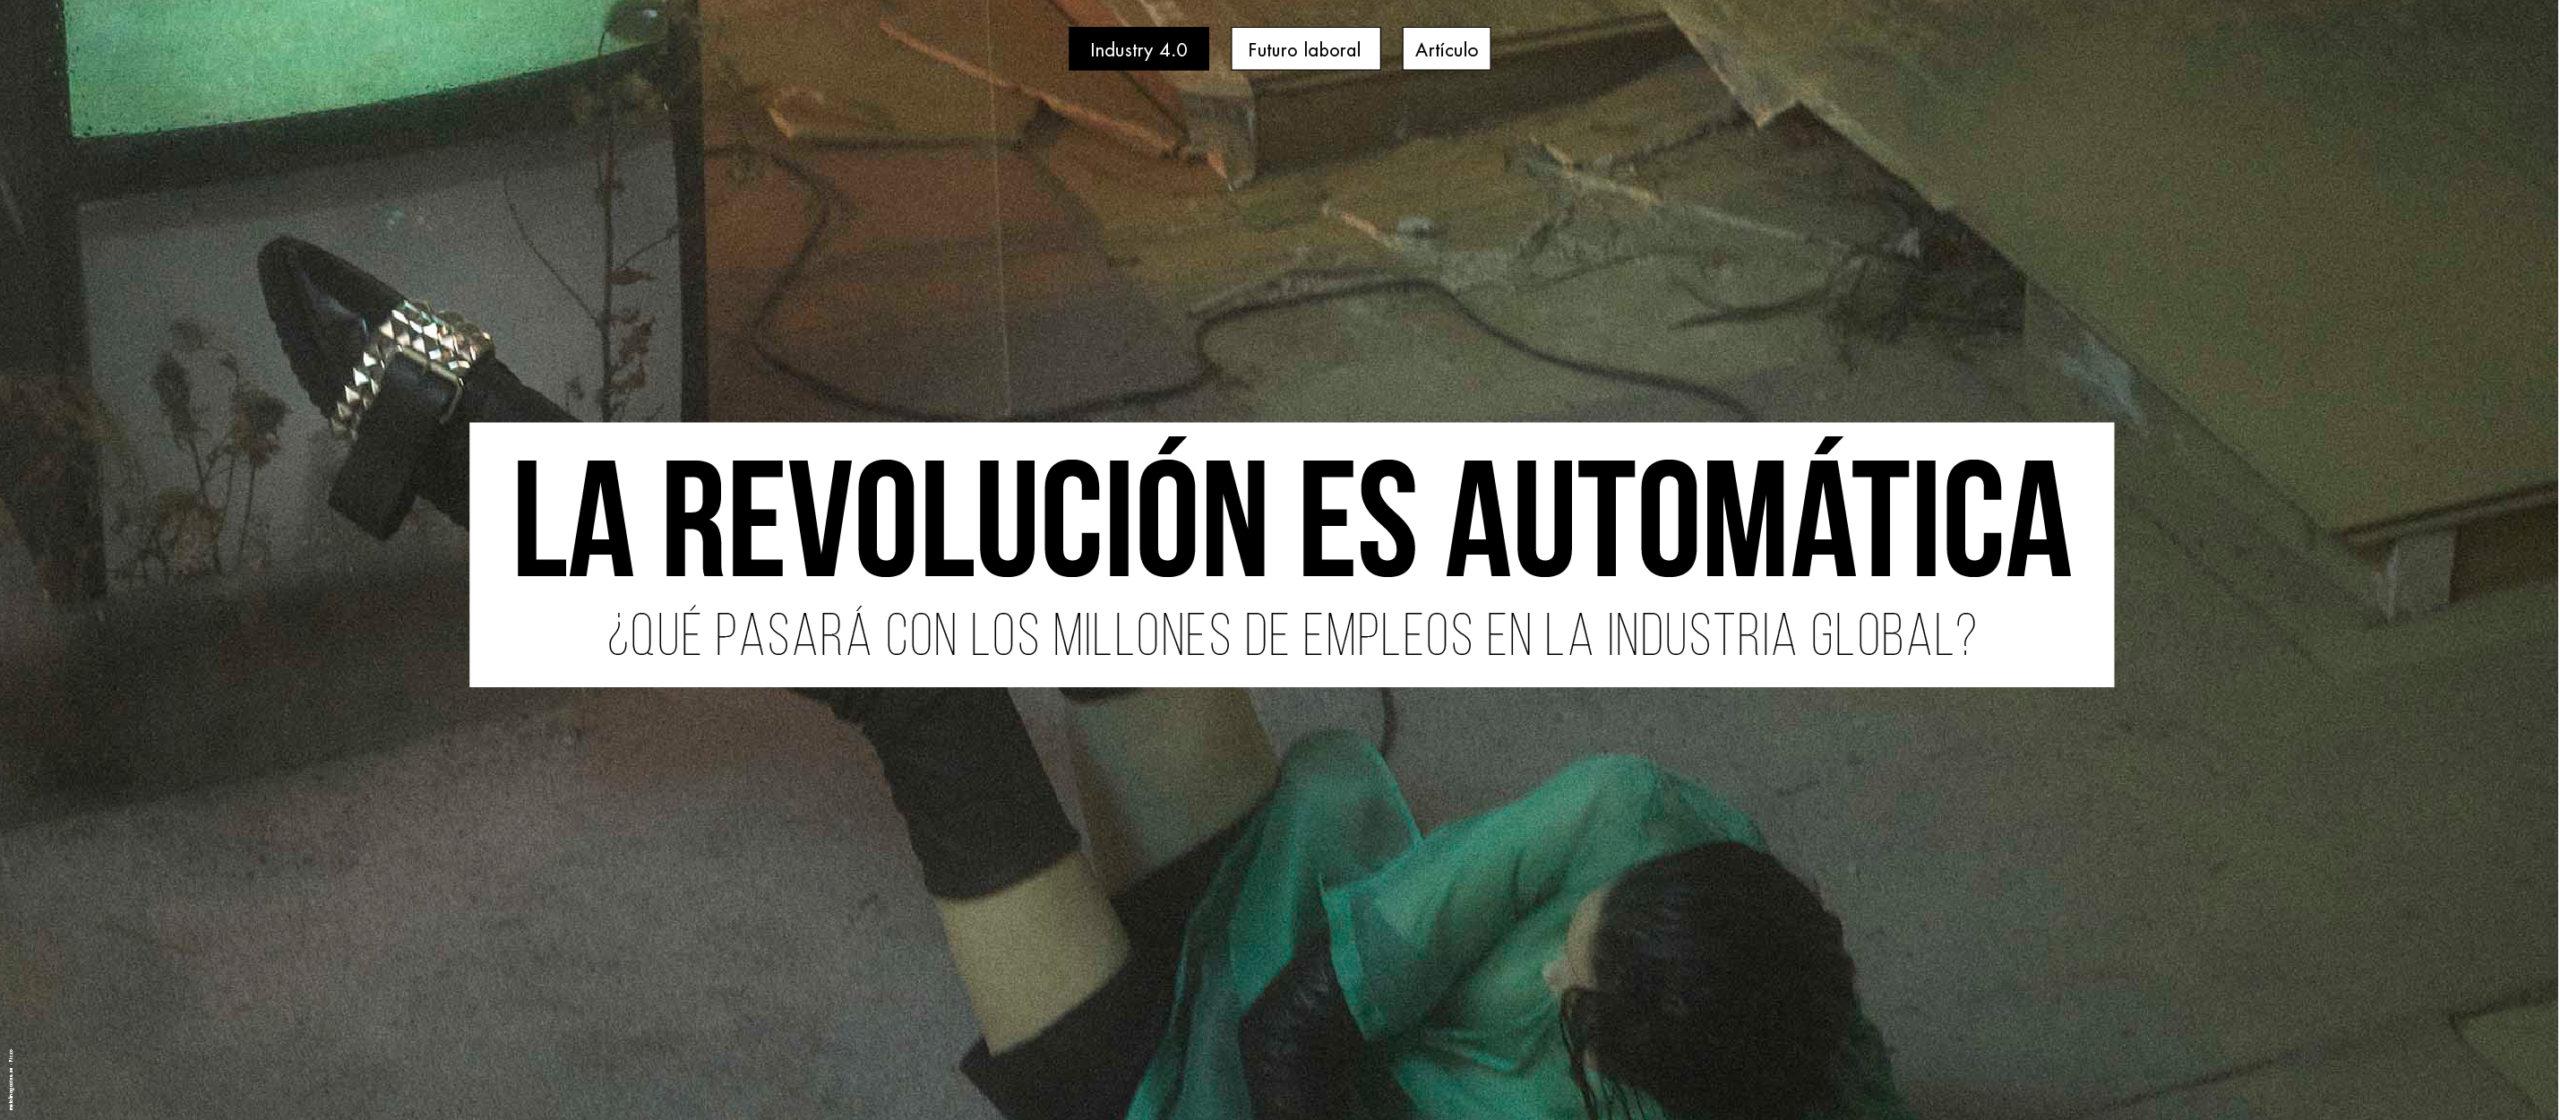 La revolución es automática.